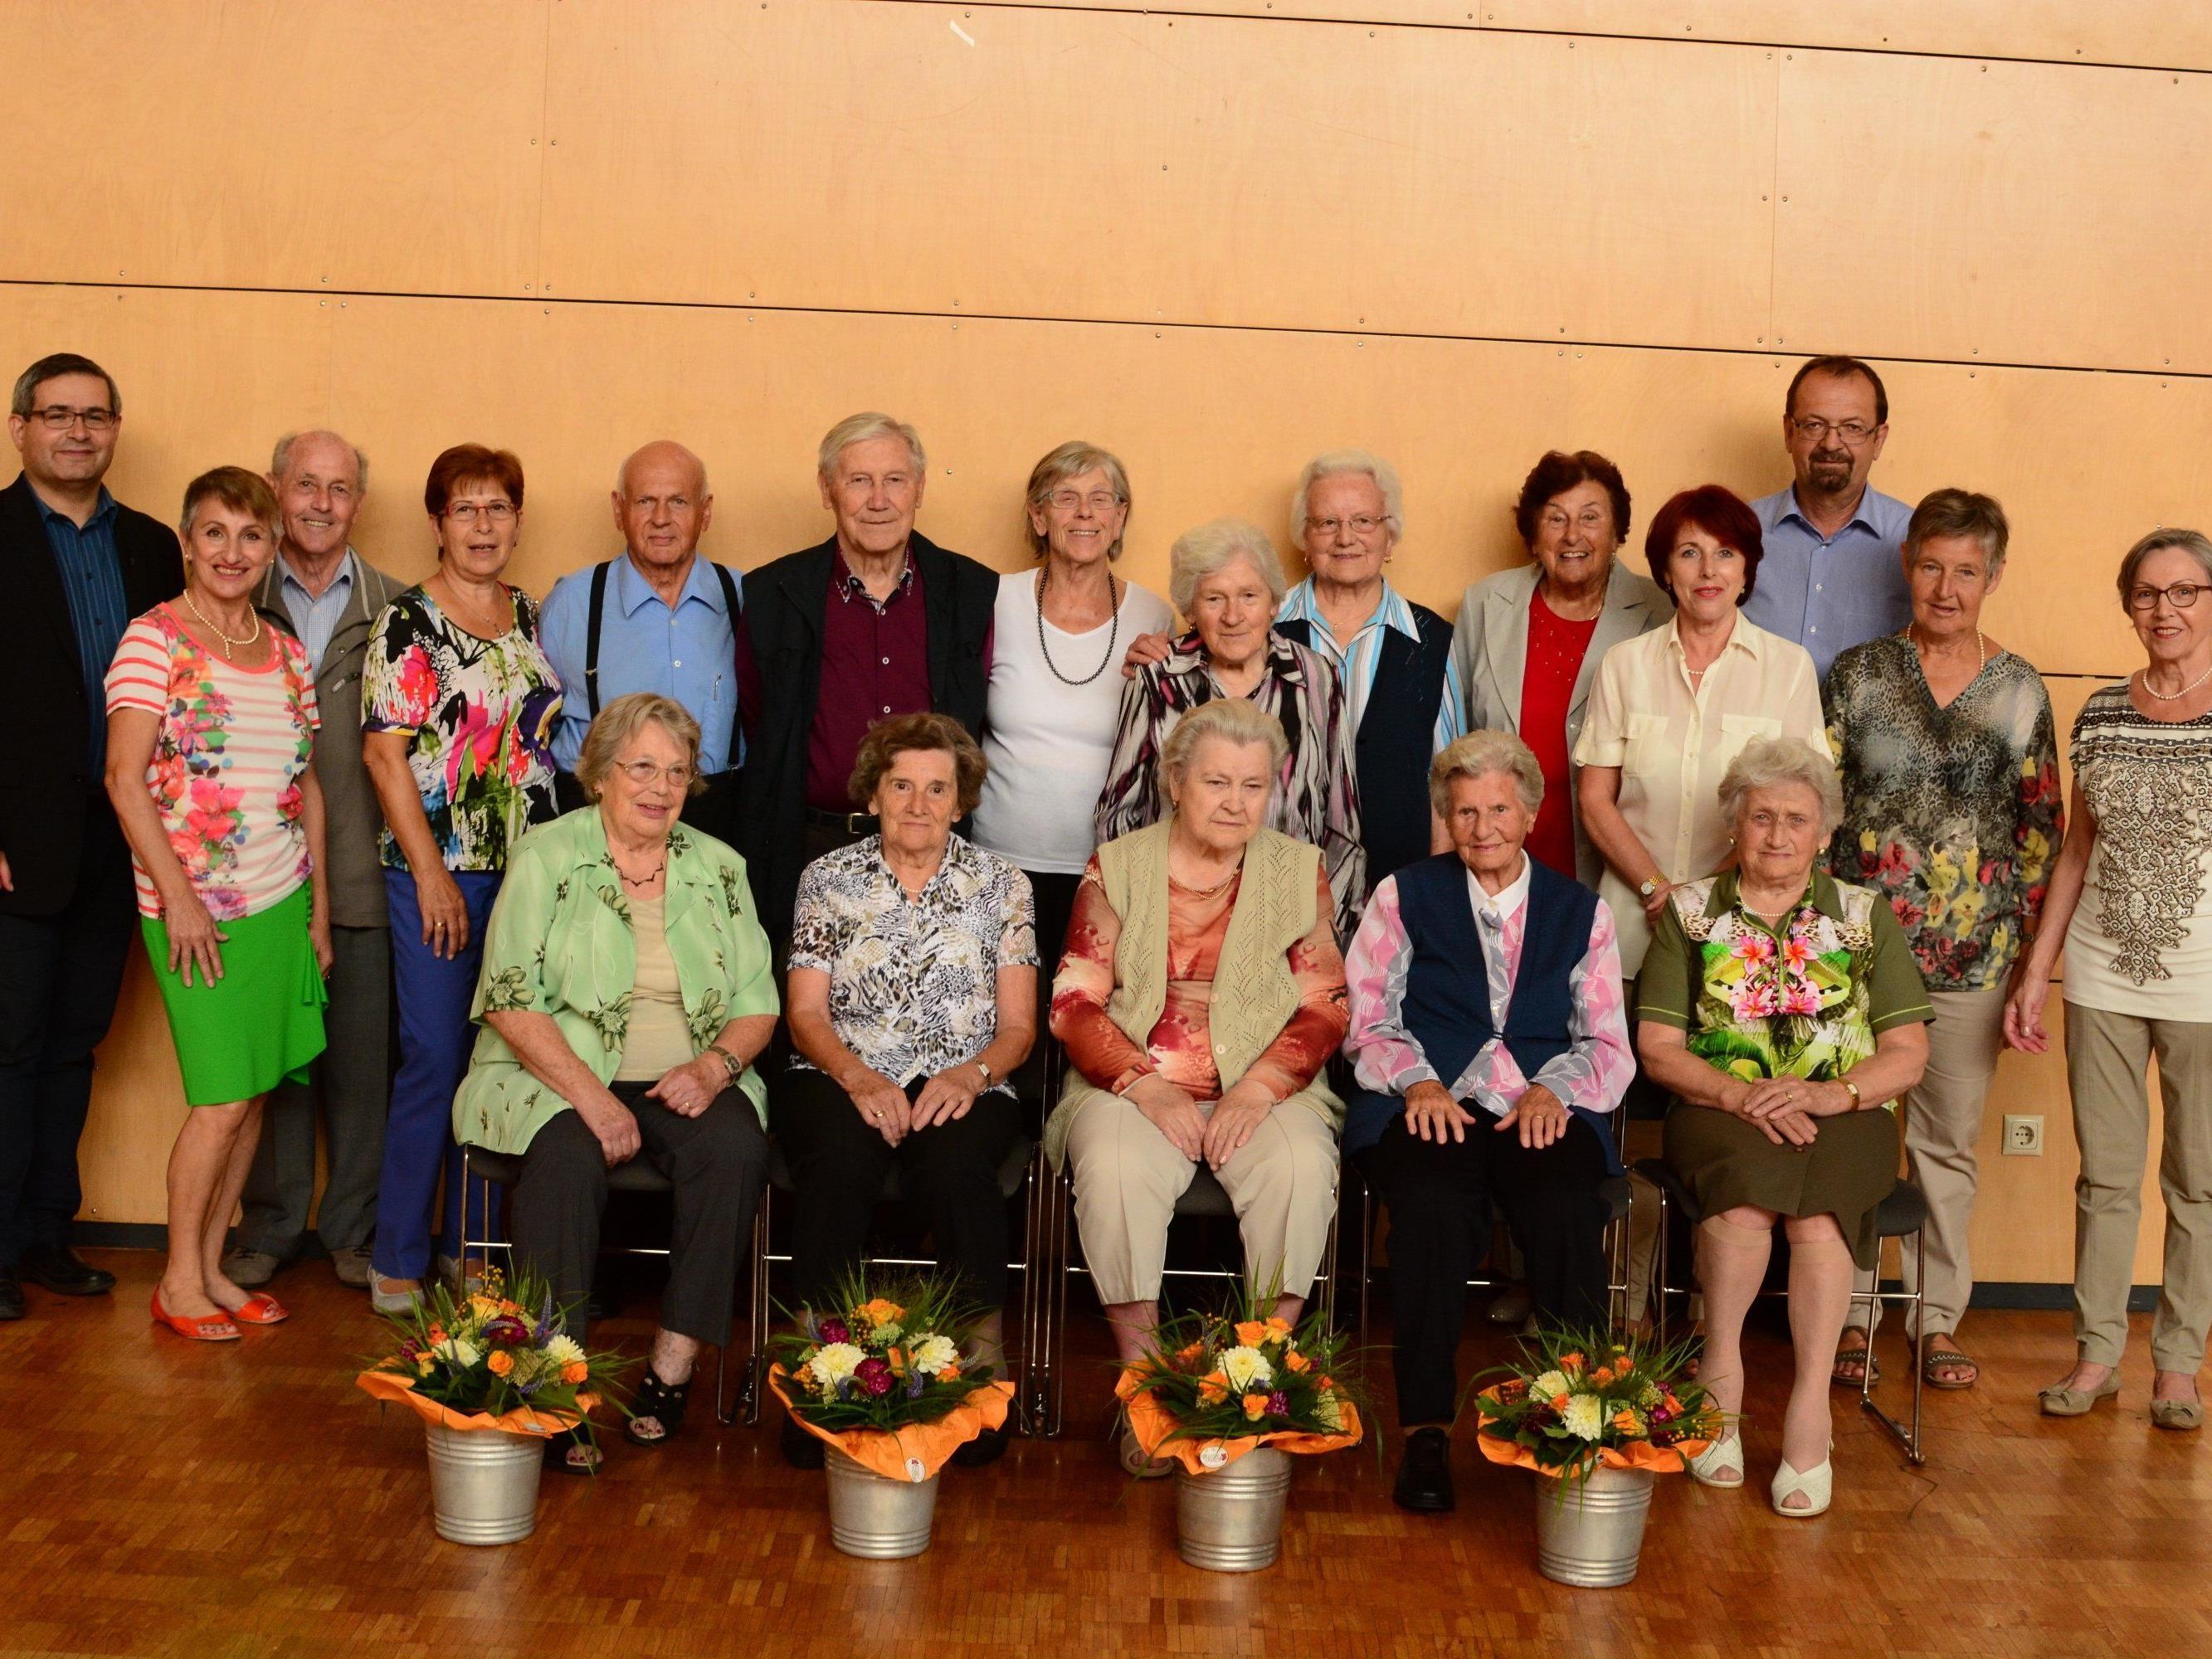 Die zwölf Geburtstagskinder (9 Frauen und 3 Männer) mit ihrem Betreuerteam. Die Jubilarinnen und Jubilare kommen zusammen auf 1032 Lebensjahre.